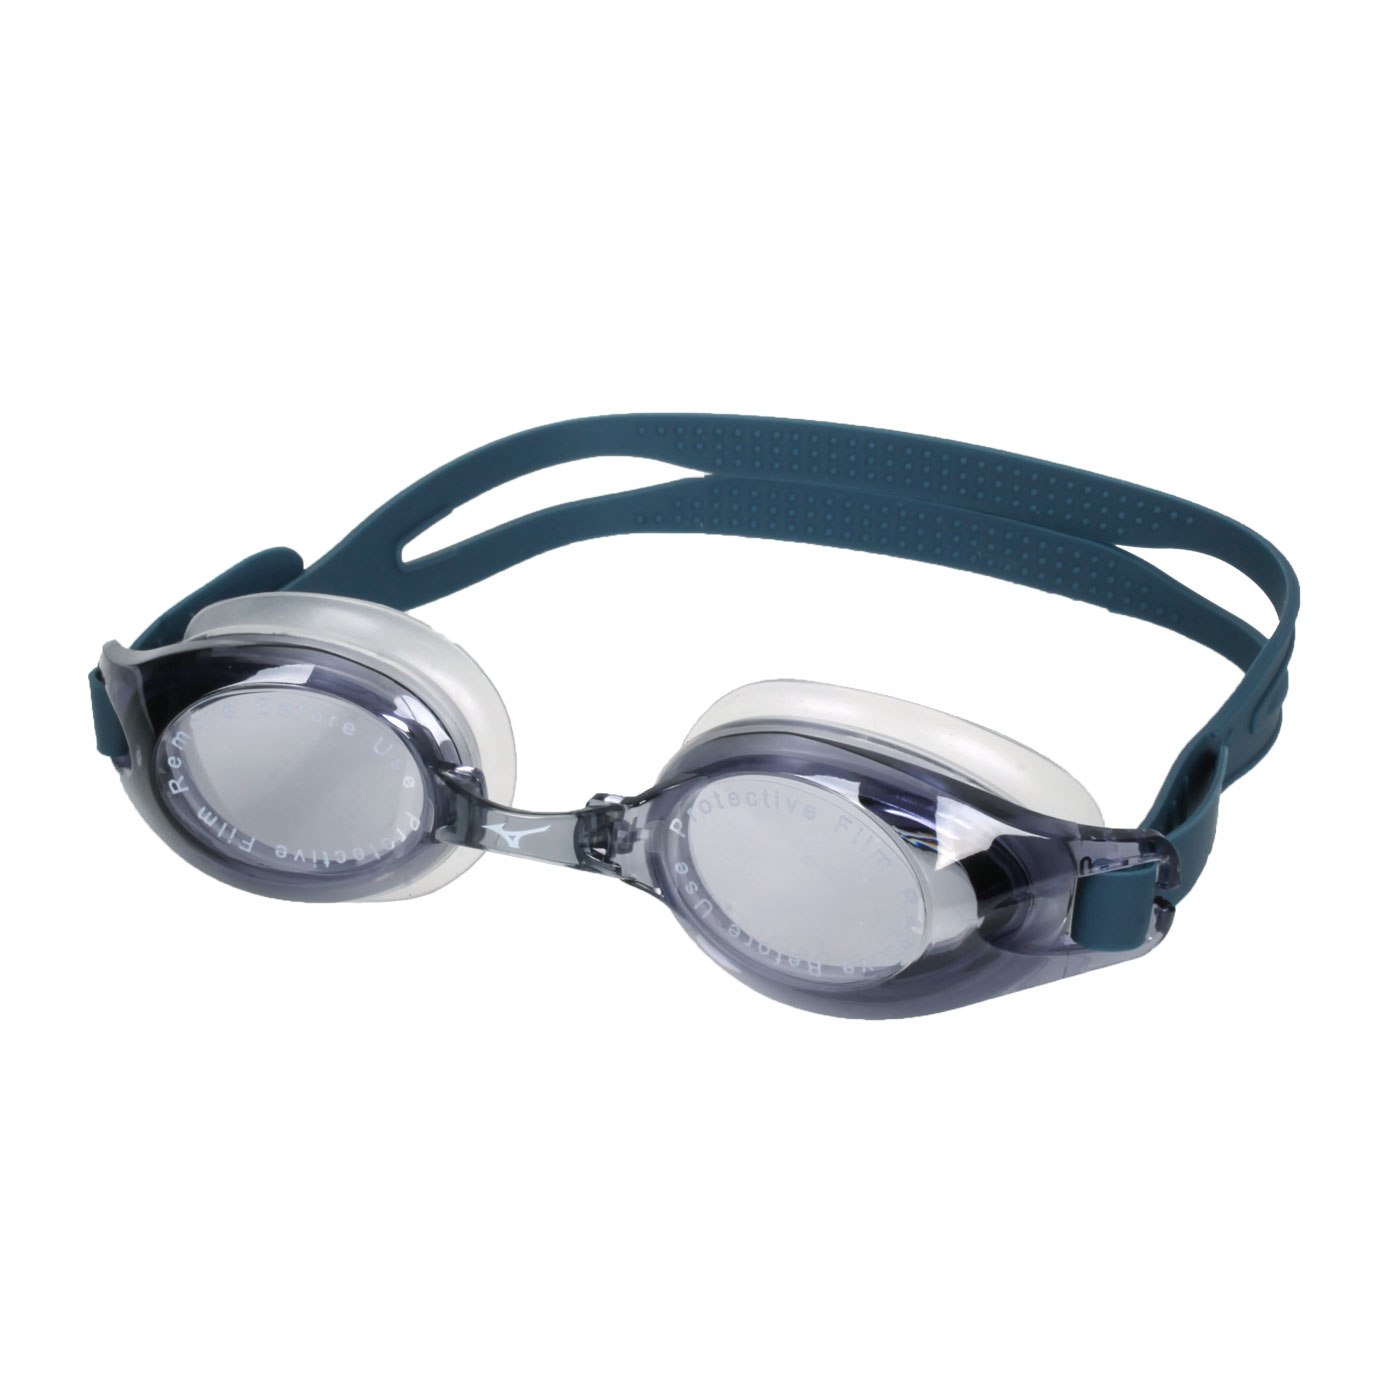 MIZUNO 泳鏡  SWIMN3TE702000-37 - 黑灰白